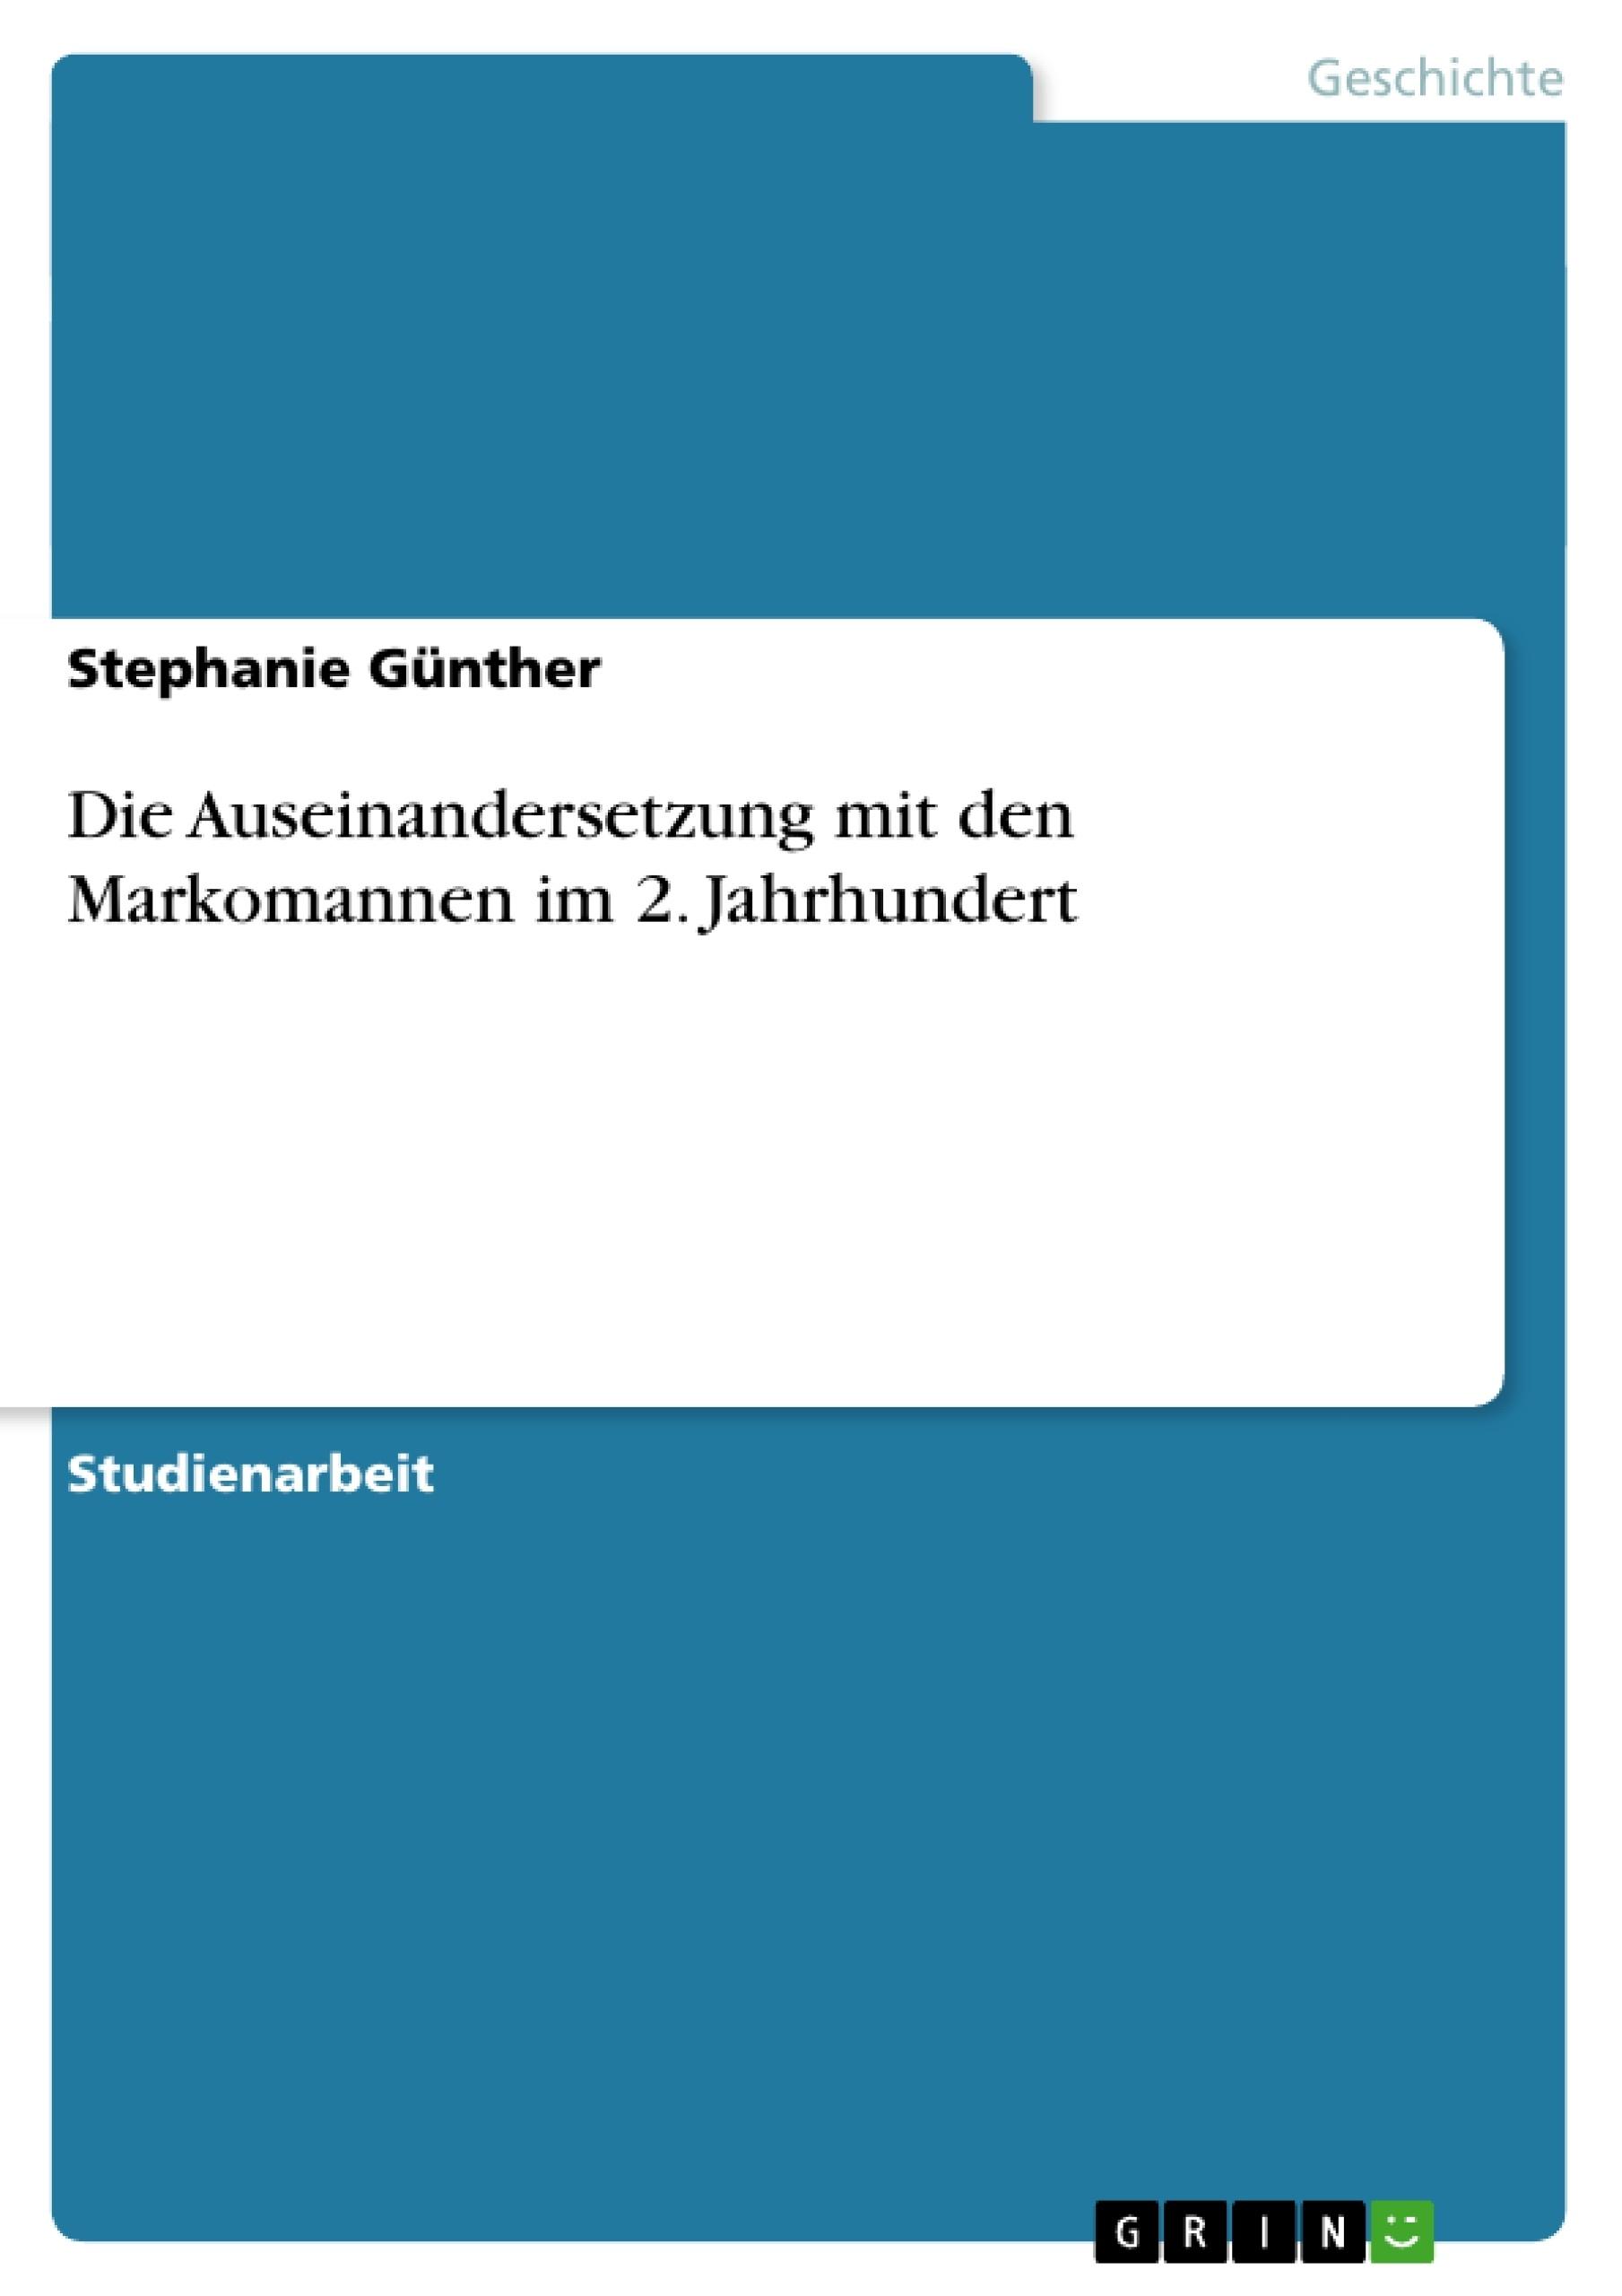 Titel: Die Auseinandersetzung mit den Markomannen im 2. Jahrhundert